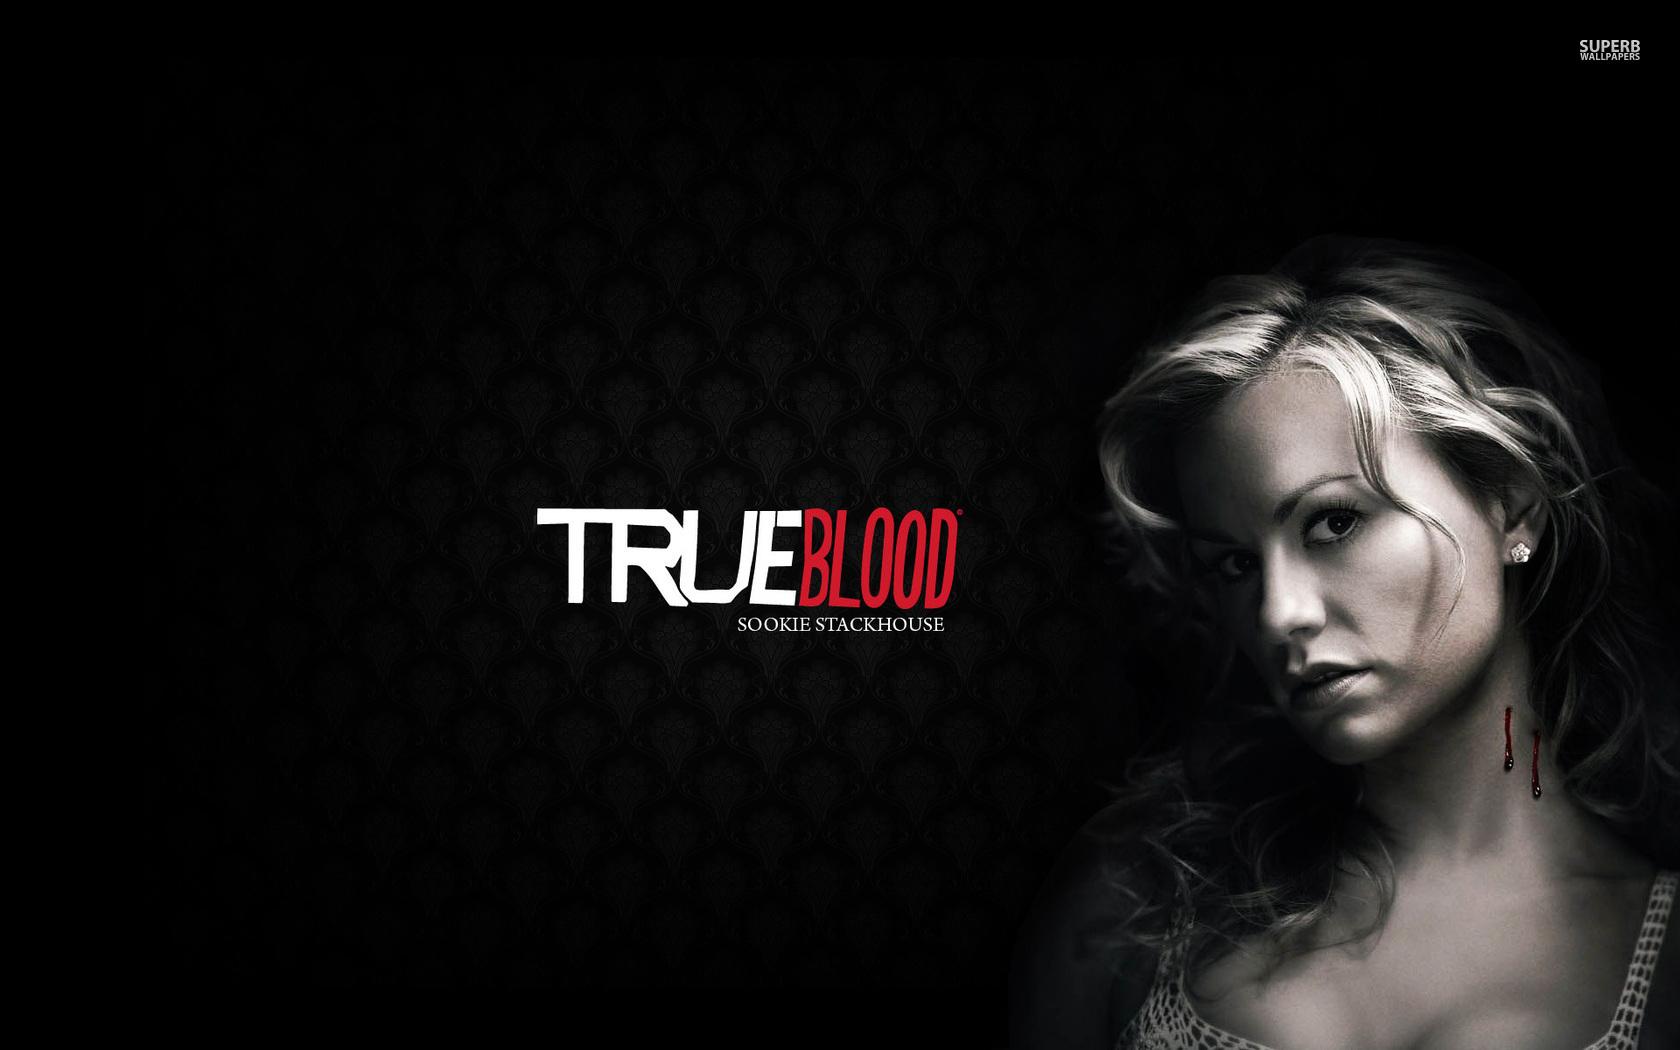 True Blood HD Wallpaper